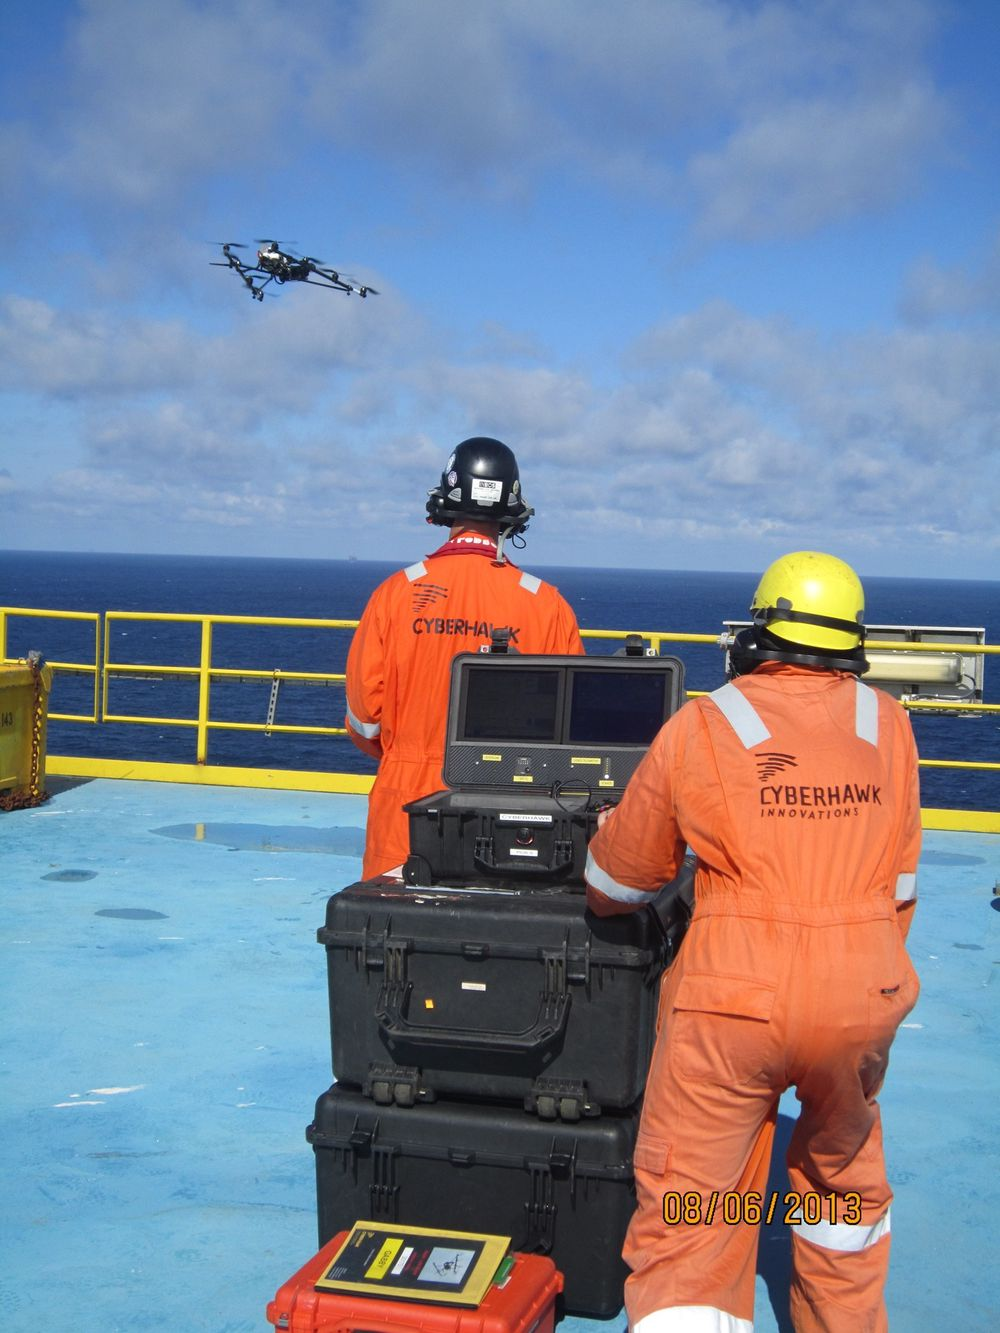 To personer gjennomfører inspeksjonen med helikopteret. Den ene flyr, den andre inspiserer. Rapporten består blant annet av 1000 stillbilder og 20 minutter med video.